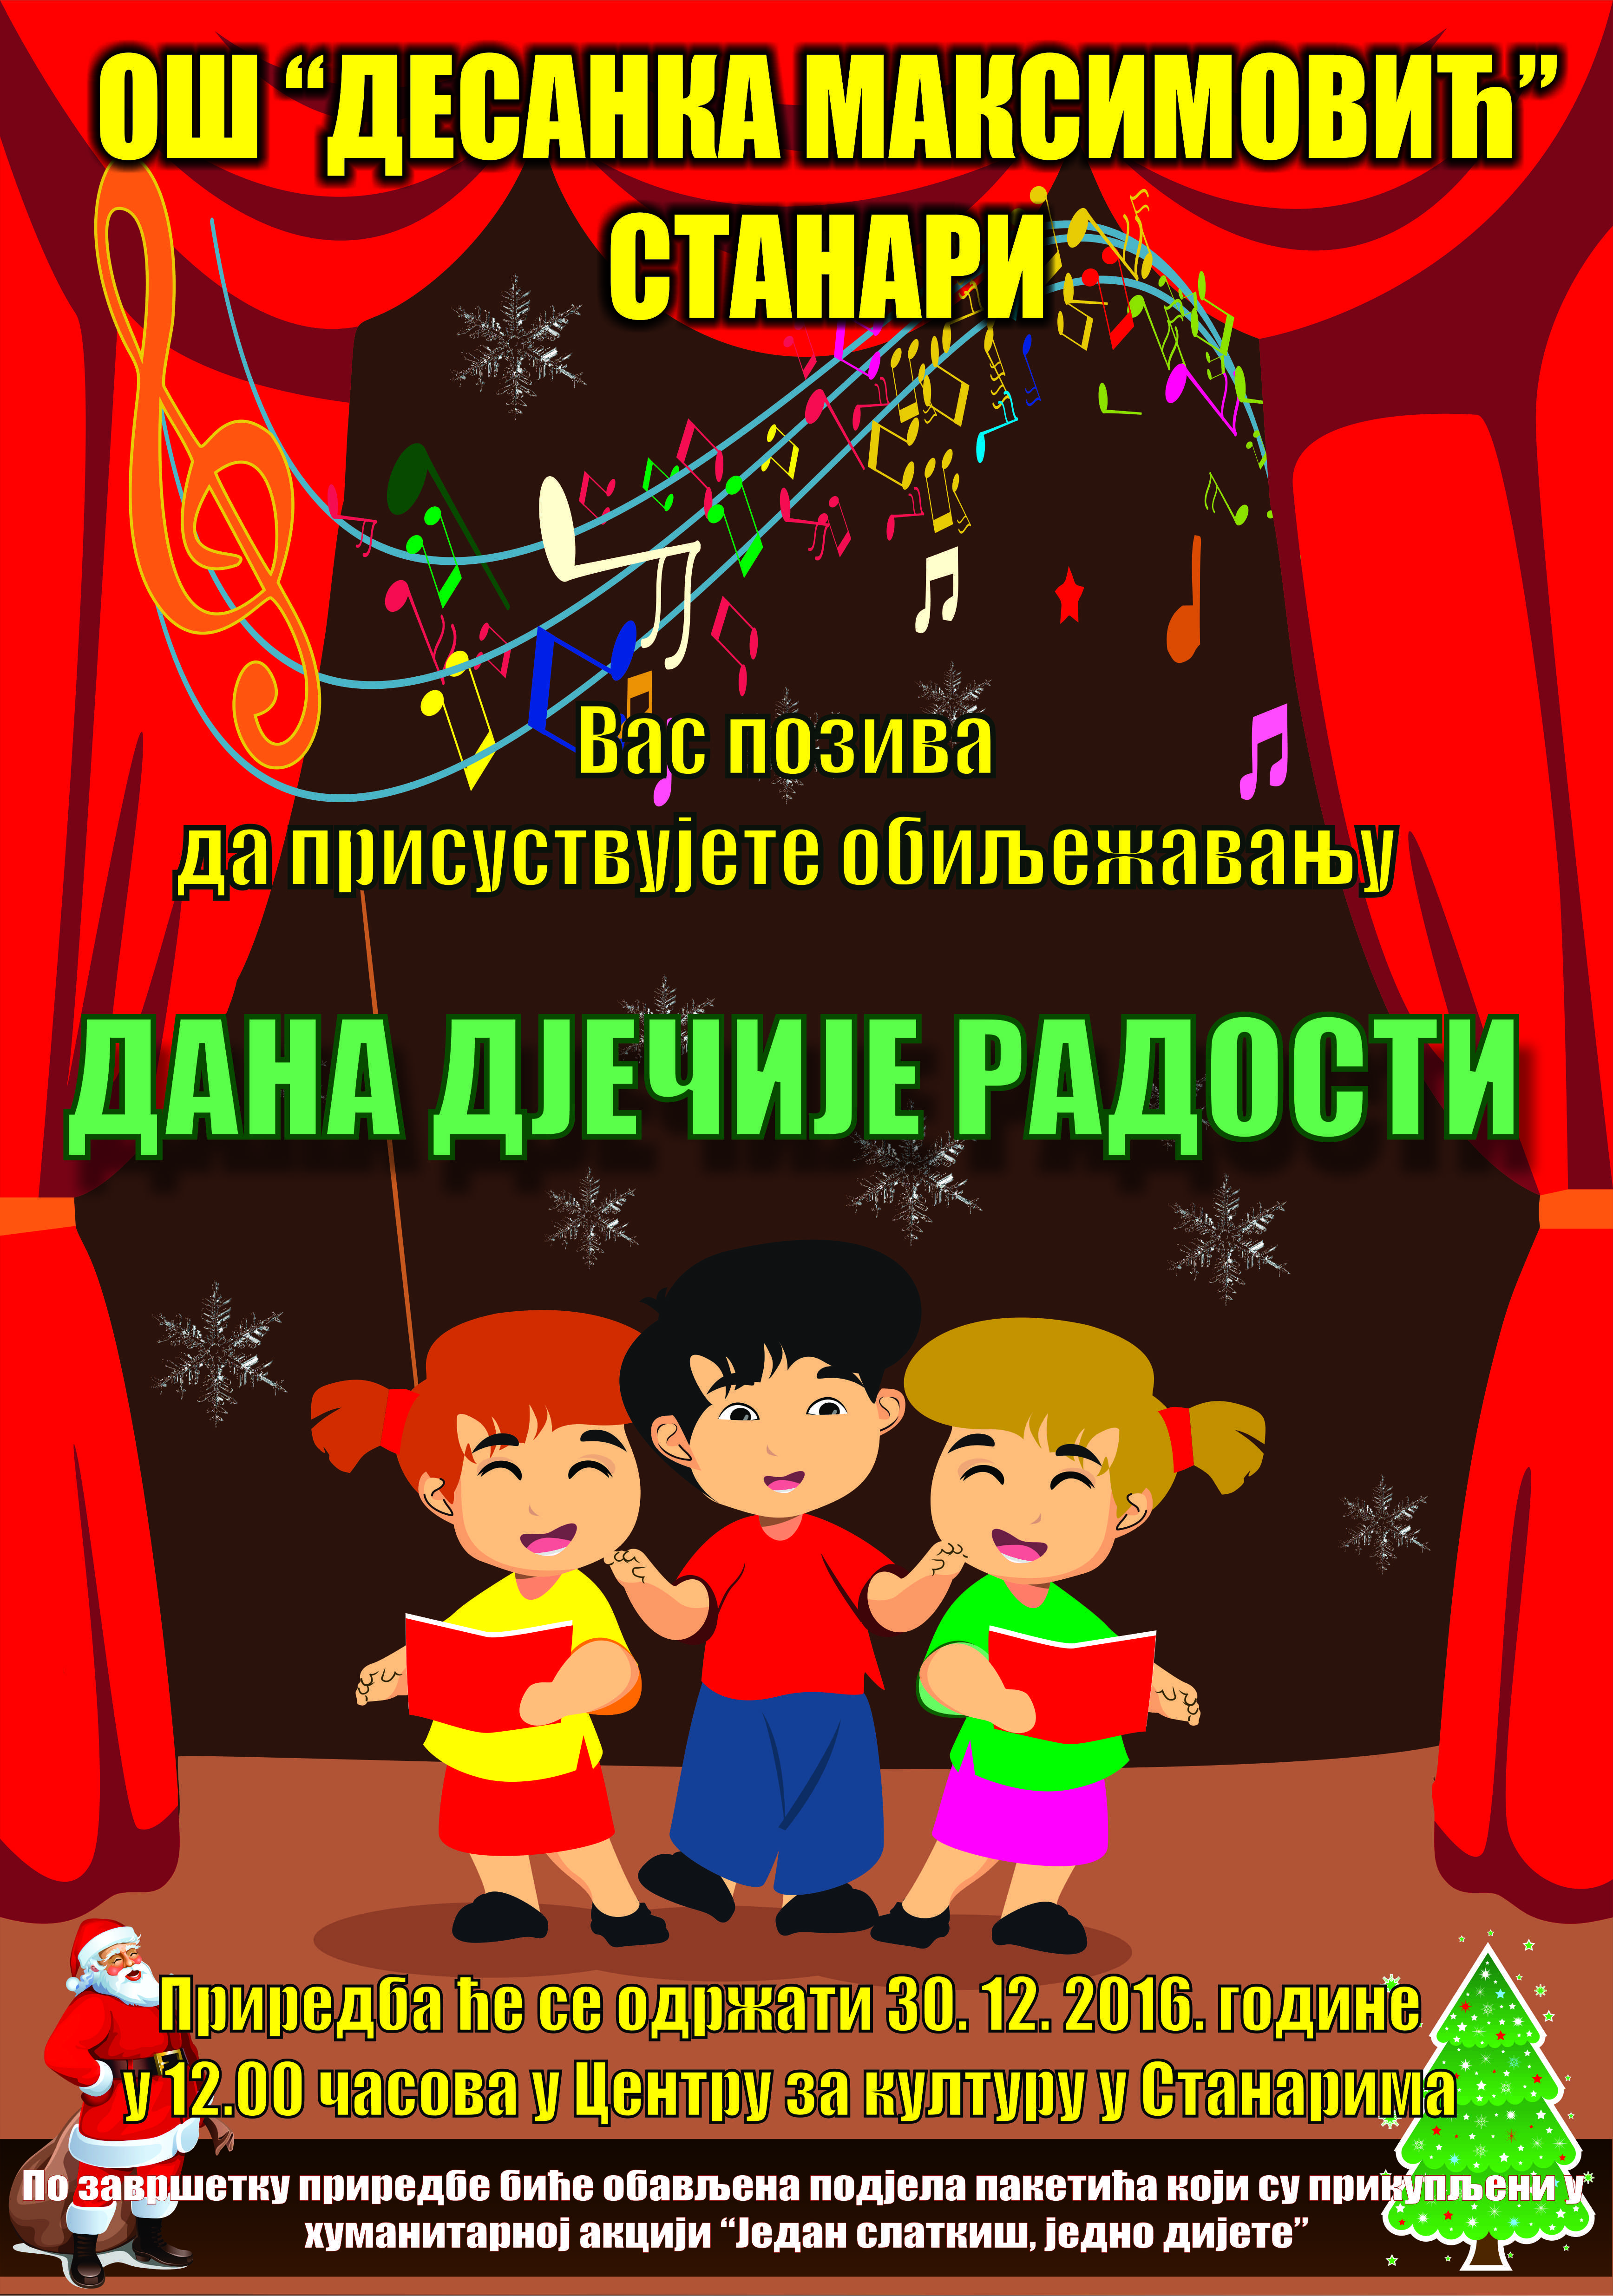 dan-djecije-radosti